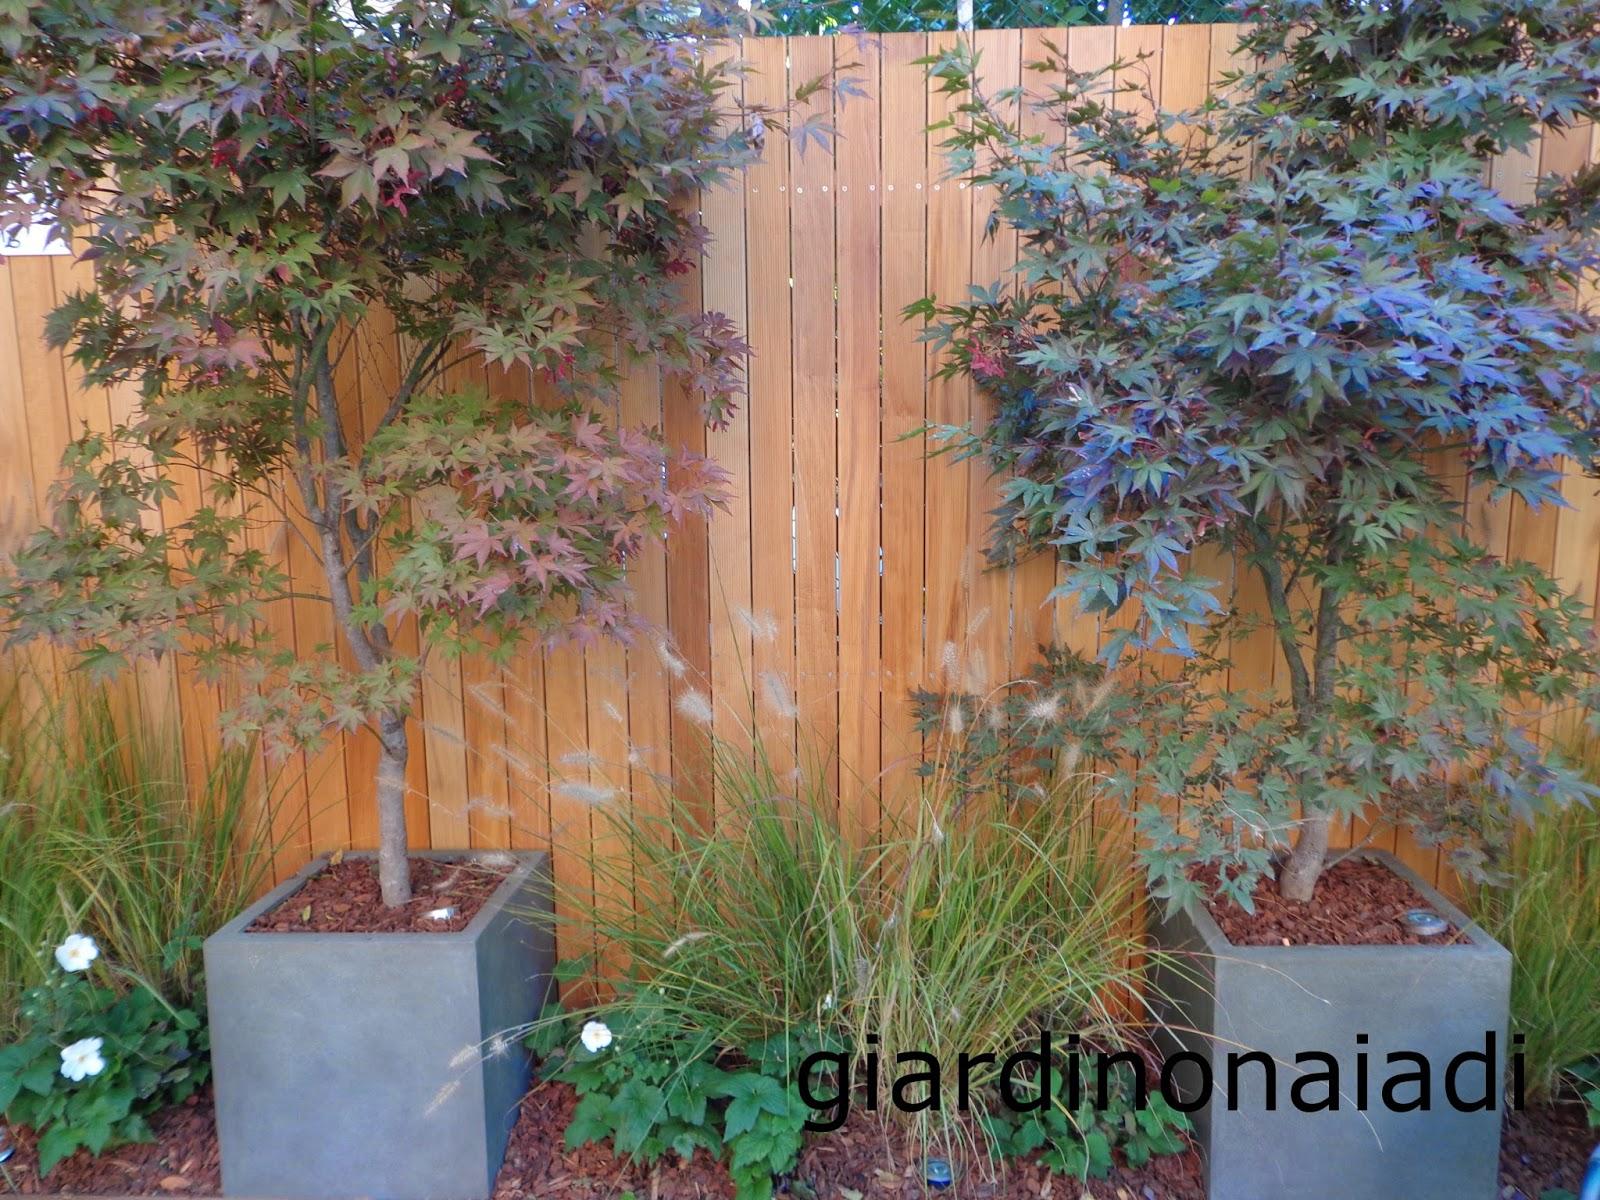 Il giardino delle Naiadi: UN GIARDINO AL VENTO